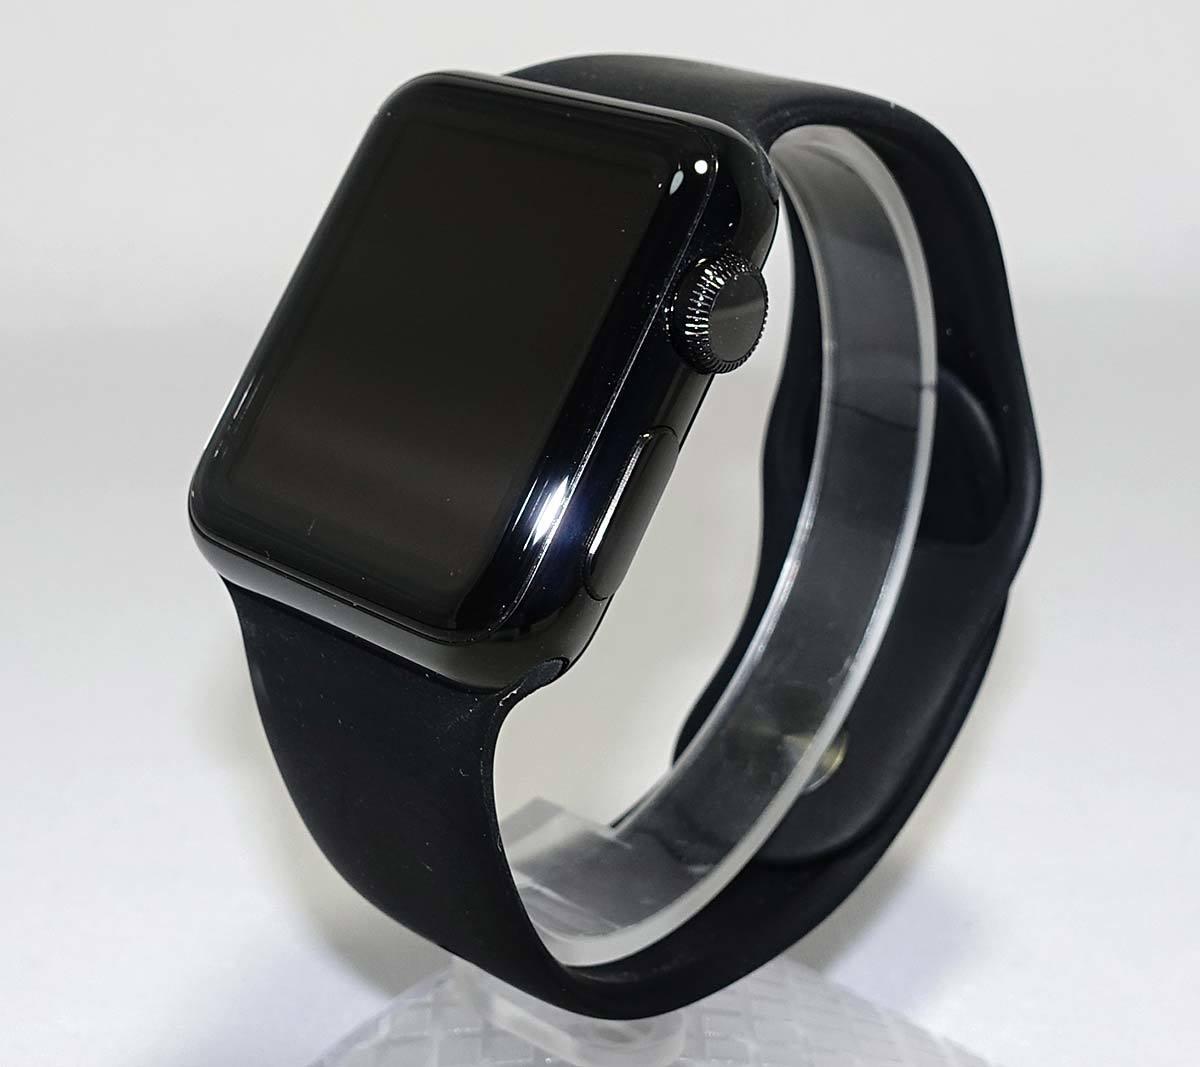 箱付 付属品有 Apple Watch 38mm MLCK2J/A A1553 ブラック ステンレススチール ブラック スポーツバンド アップル ウォッチ